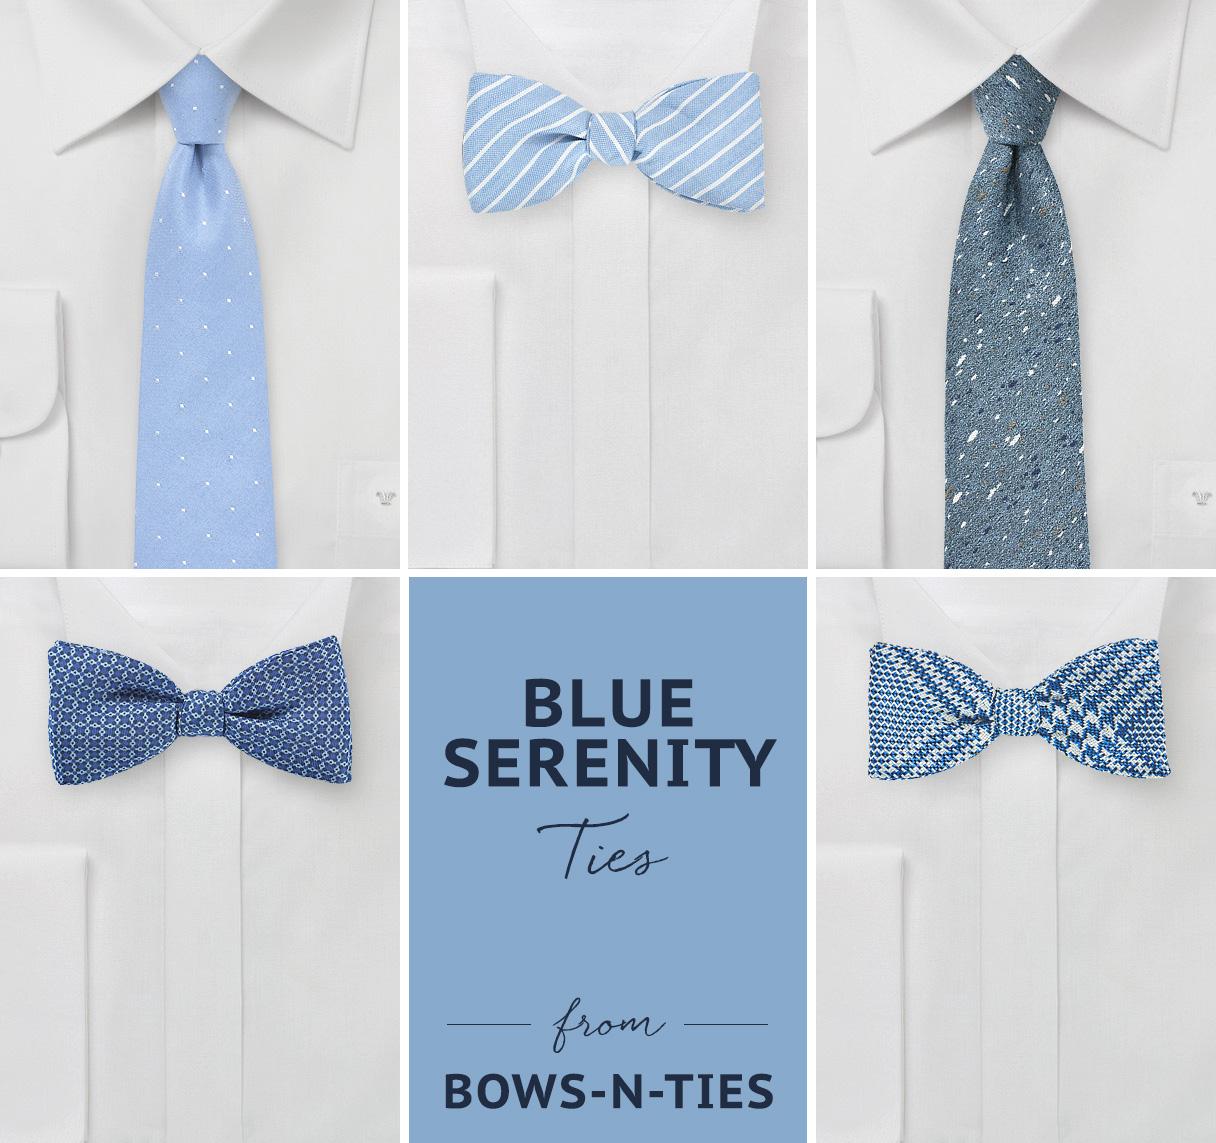 Blue Serenity Ties from Bows-N-Ties